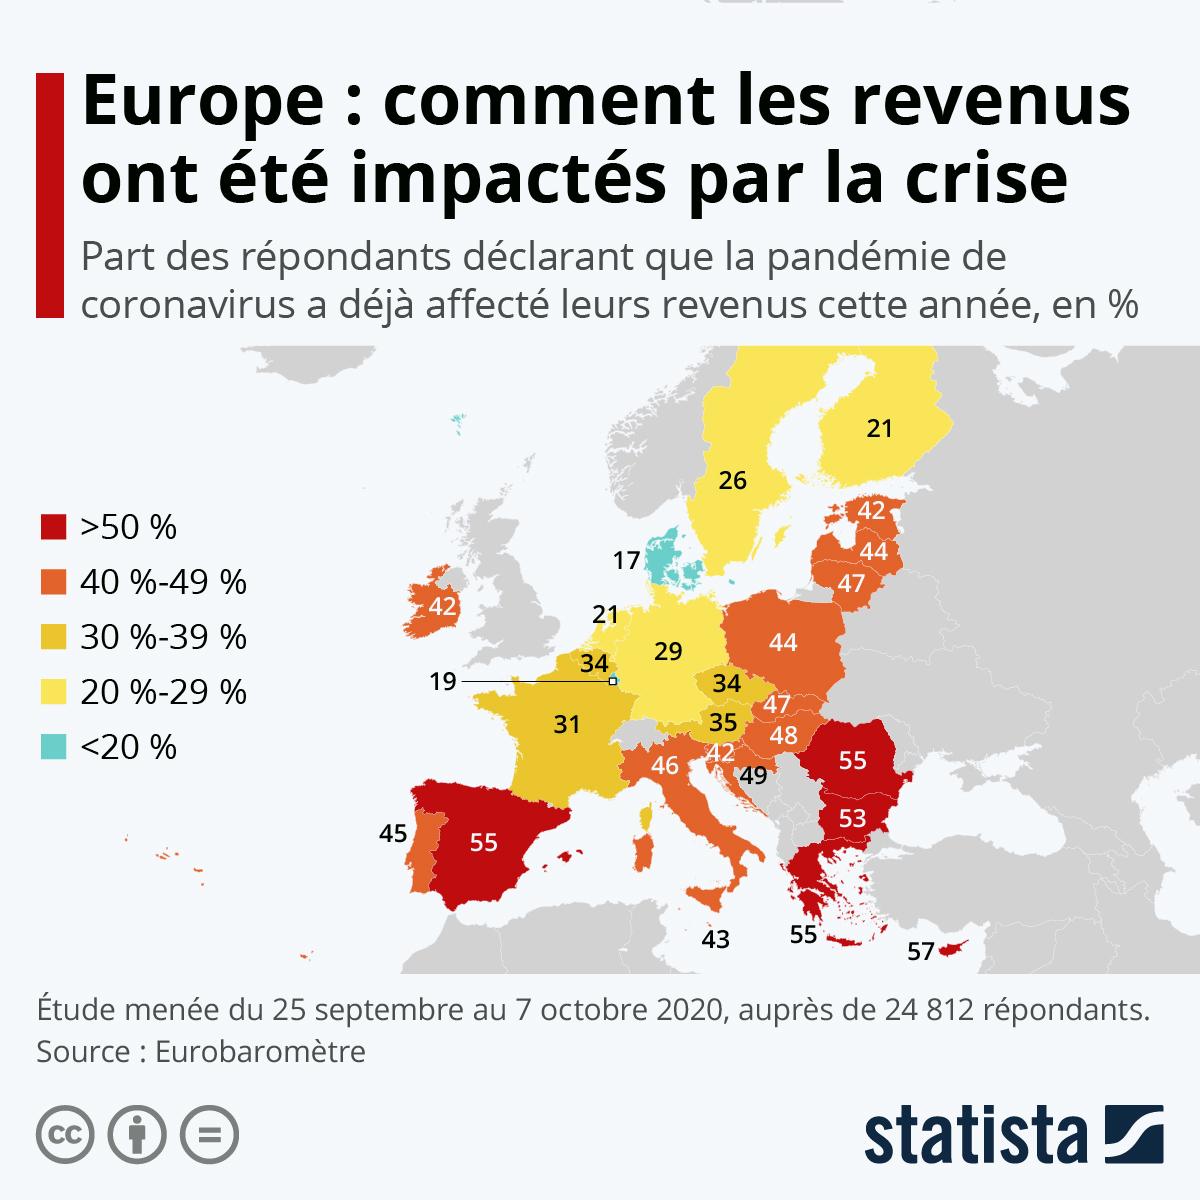 Infographie: Europe : comment les revenus ont été impactés par la crise | Statista